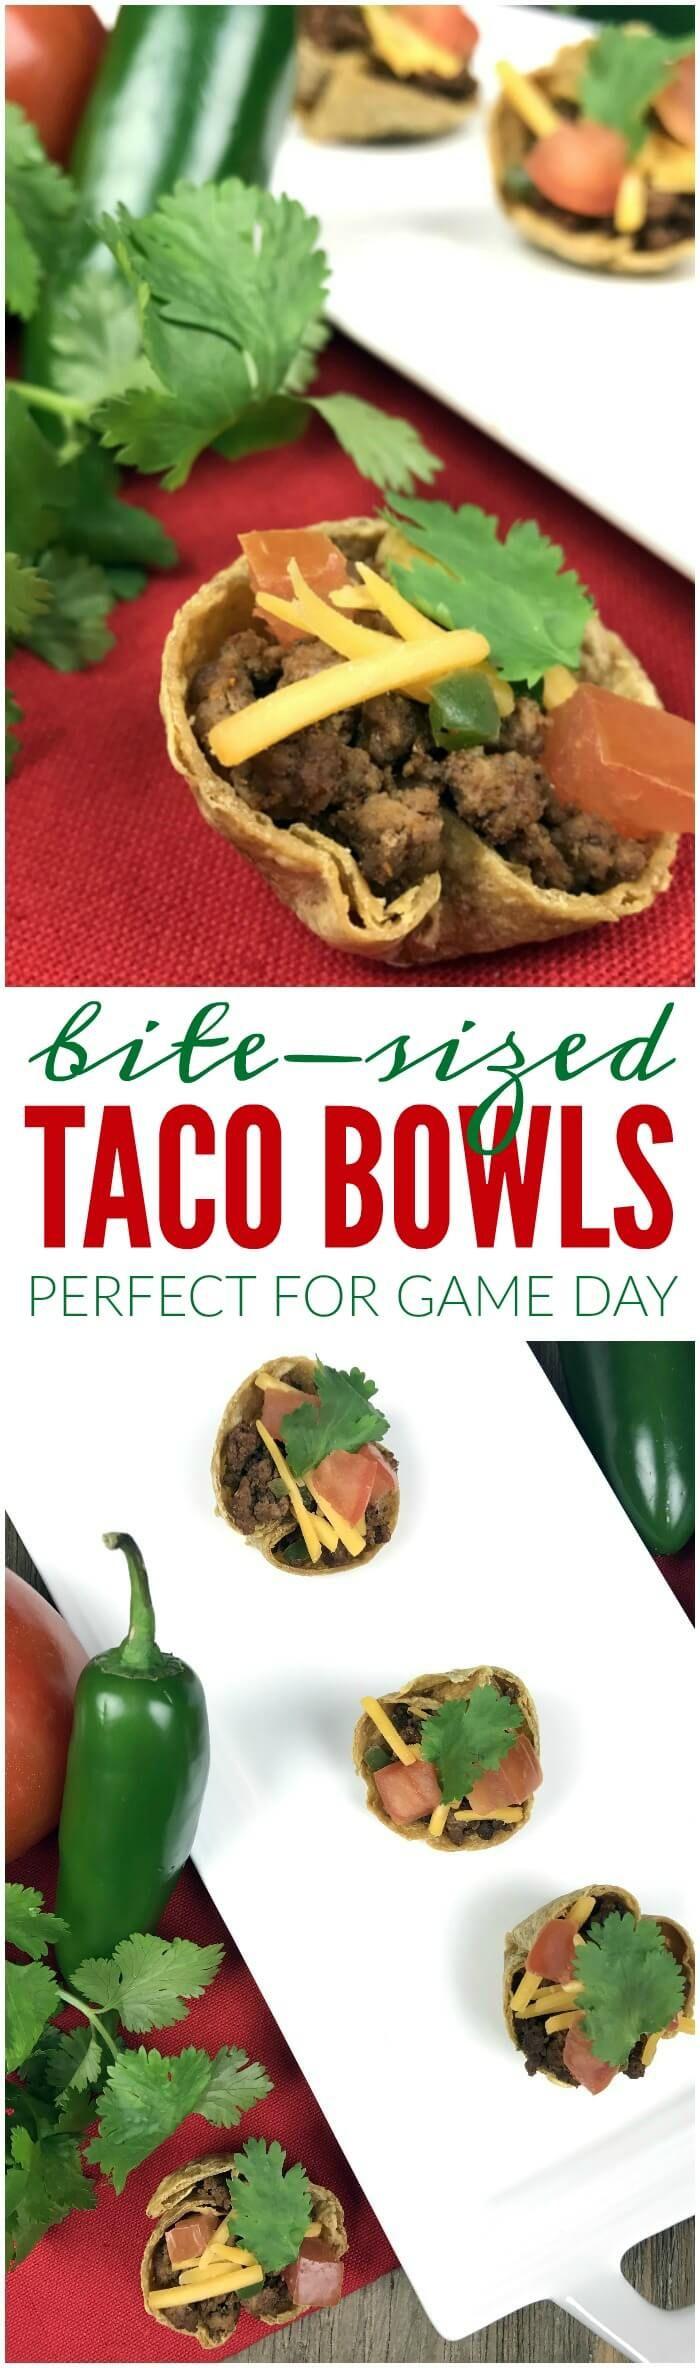 Taco Bowls Image